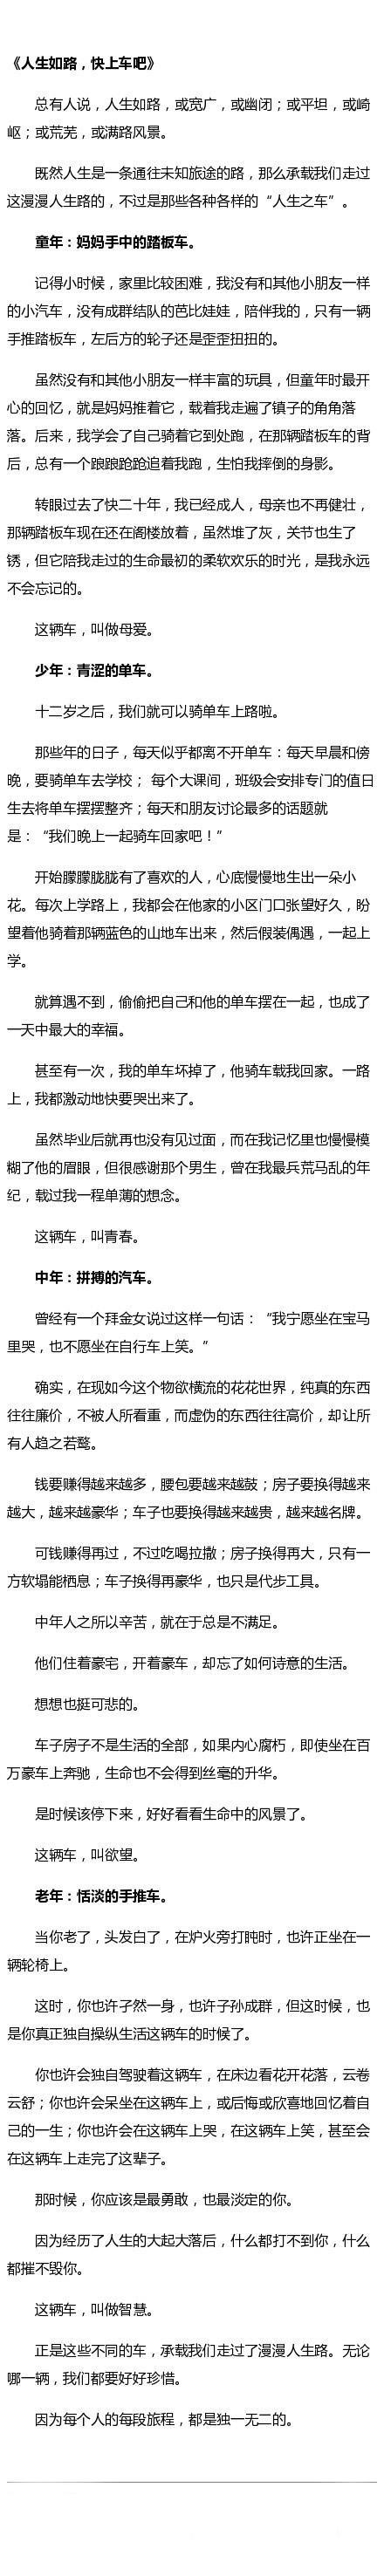 北京pk10开奖直播视频-上竤彩玩